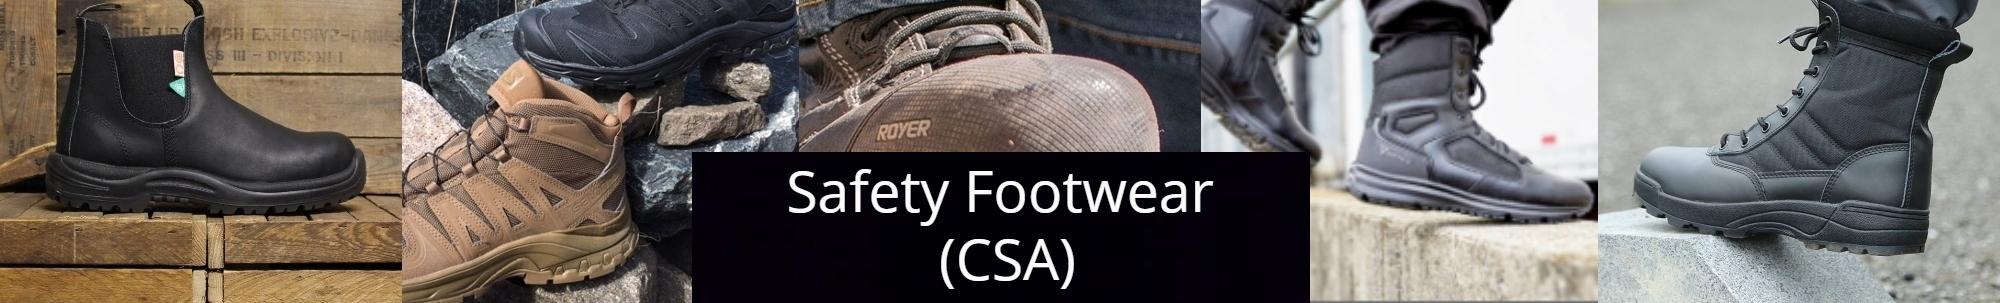 boots-maleCSAFOOTWEAR144718.jpg